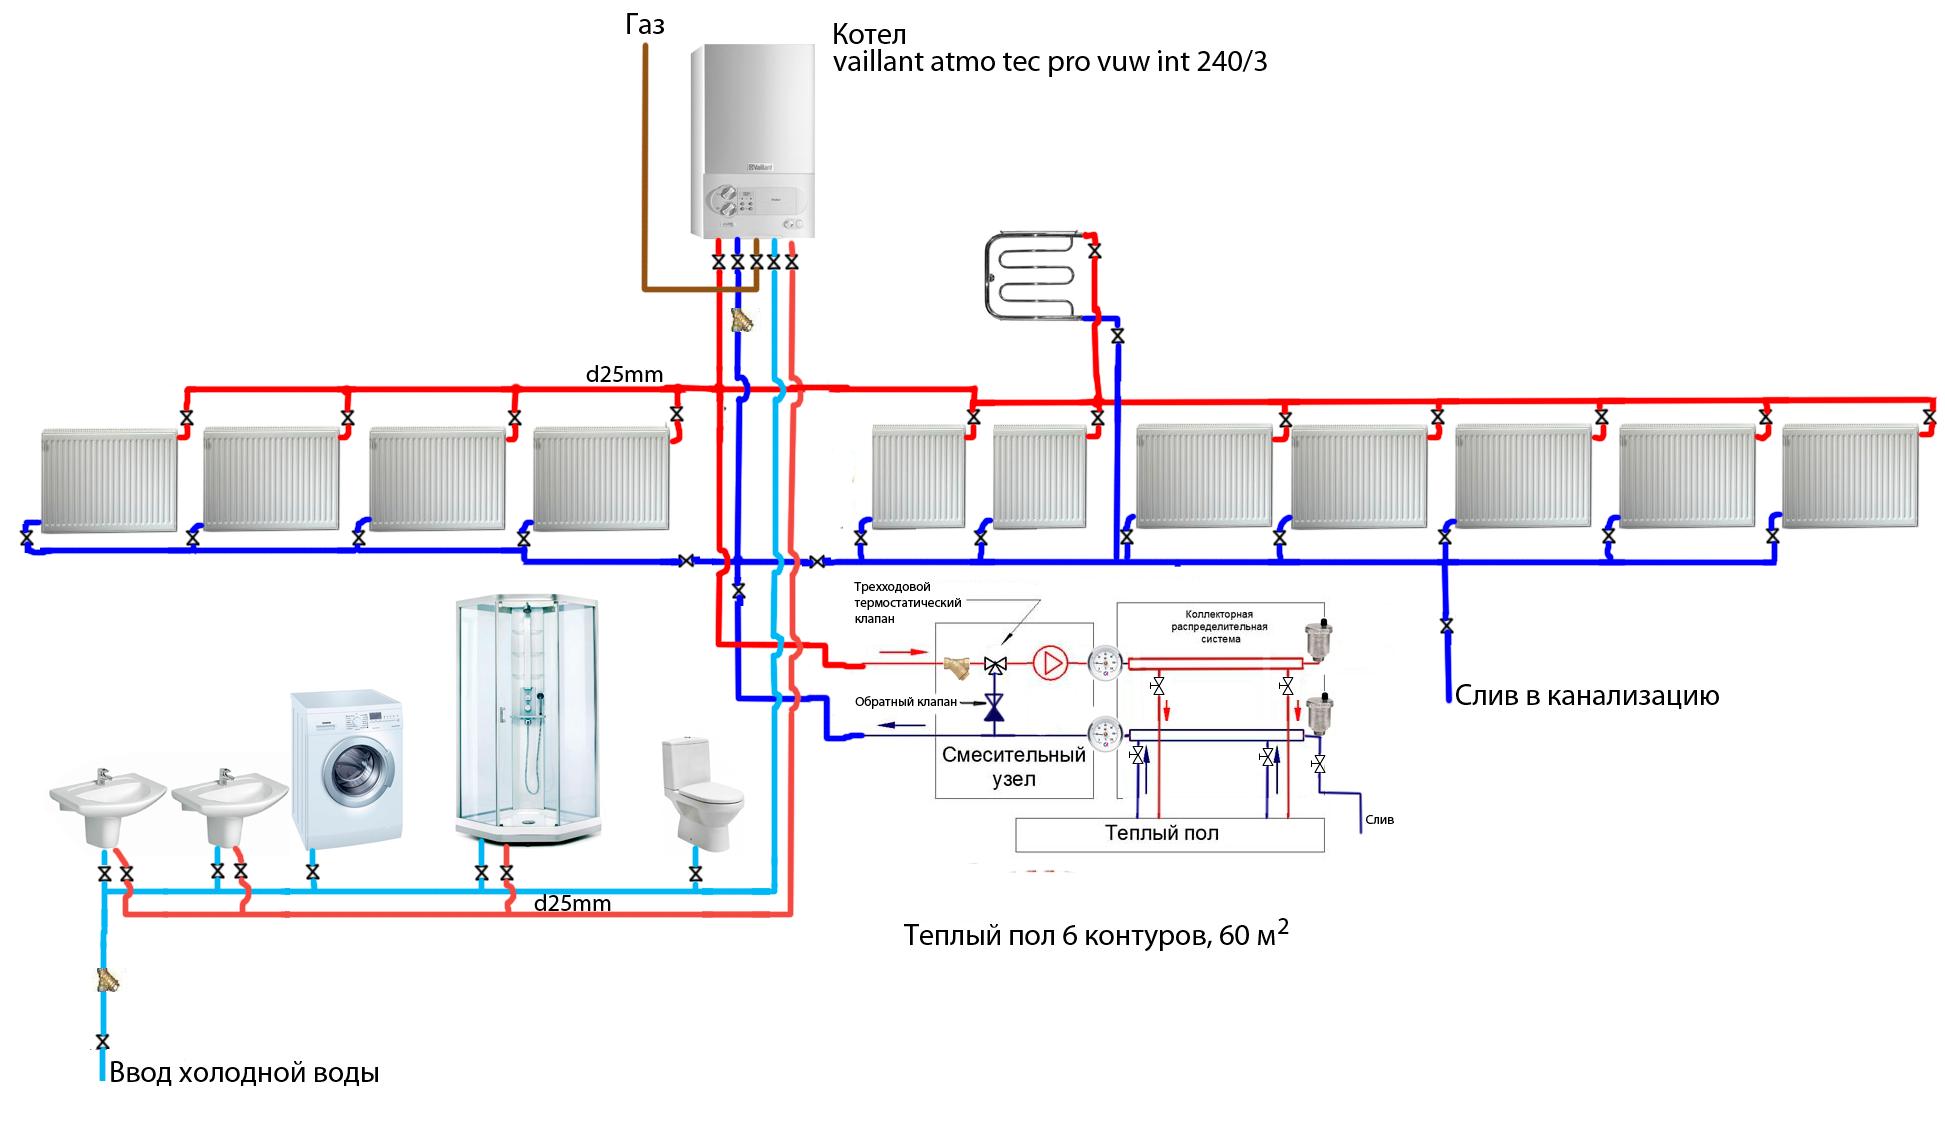 Схема подключения расширительного бака в системе отопления фото 520